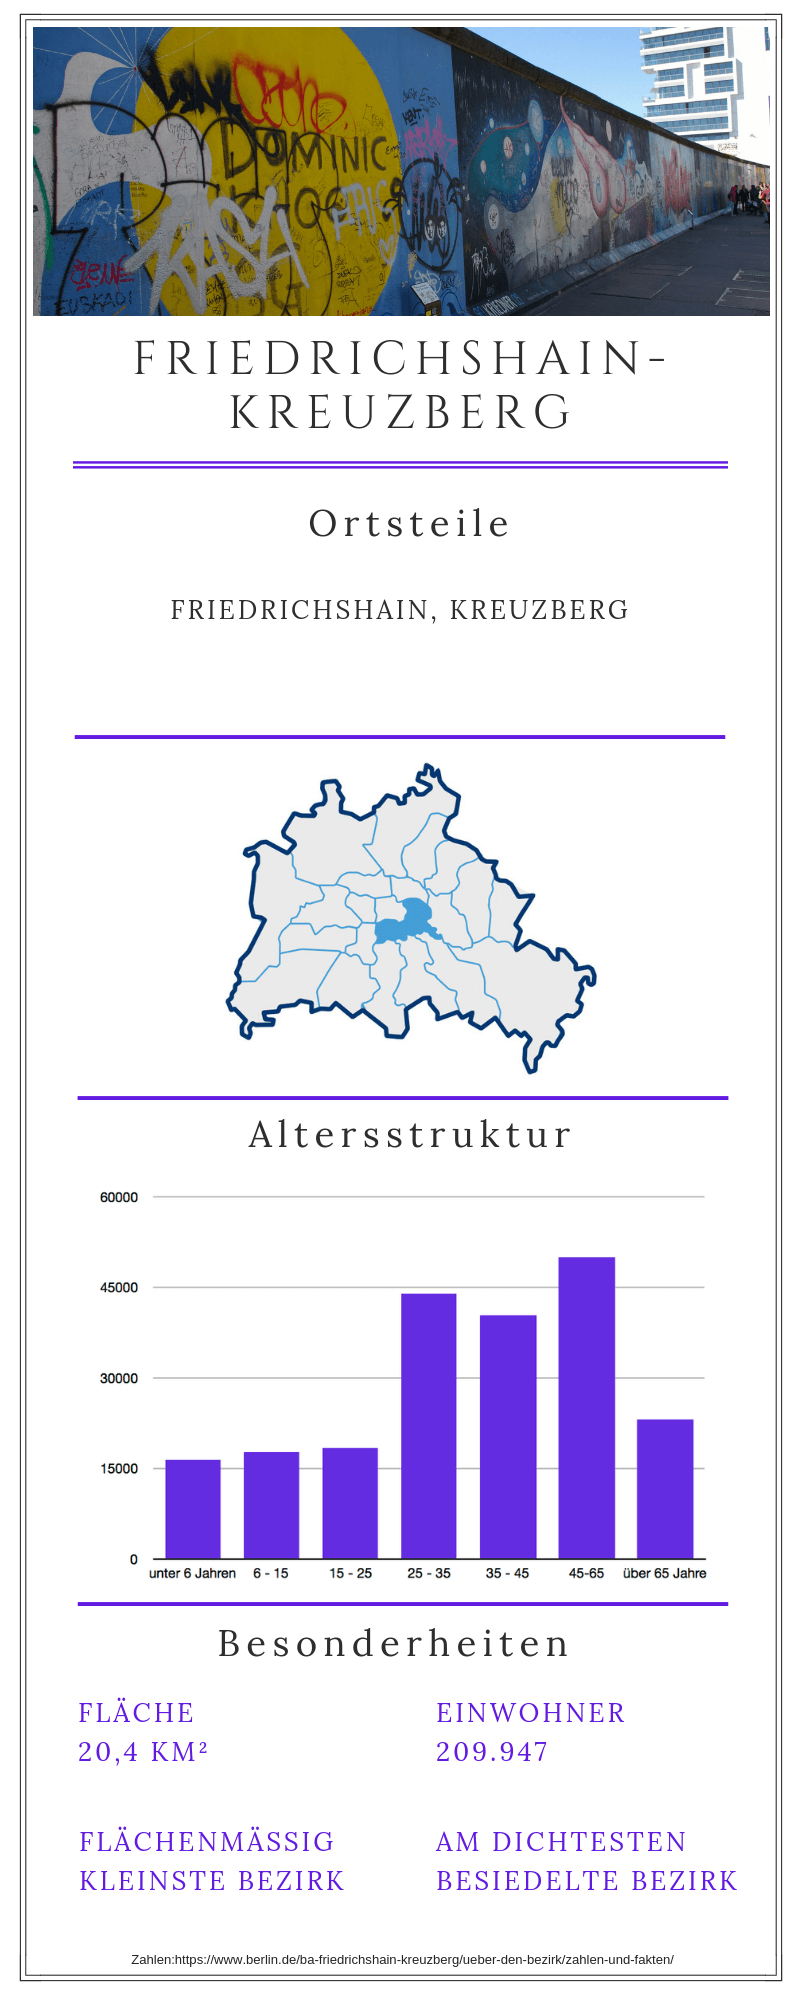 Grafische Darstellung zum Berliner Bezirk Friedrichshain-Kreuzberg